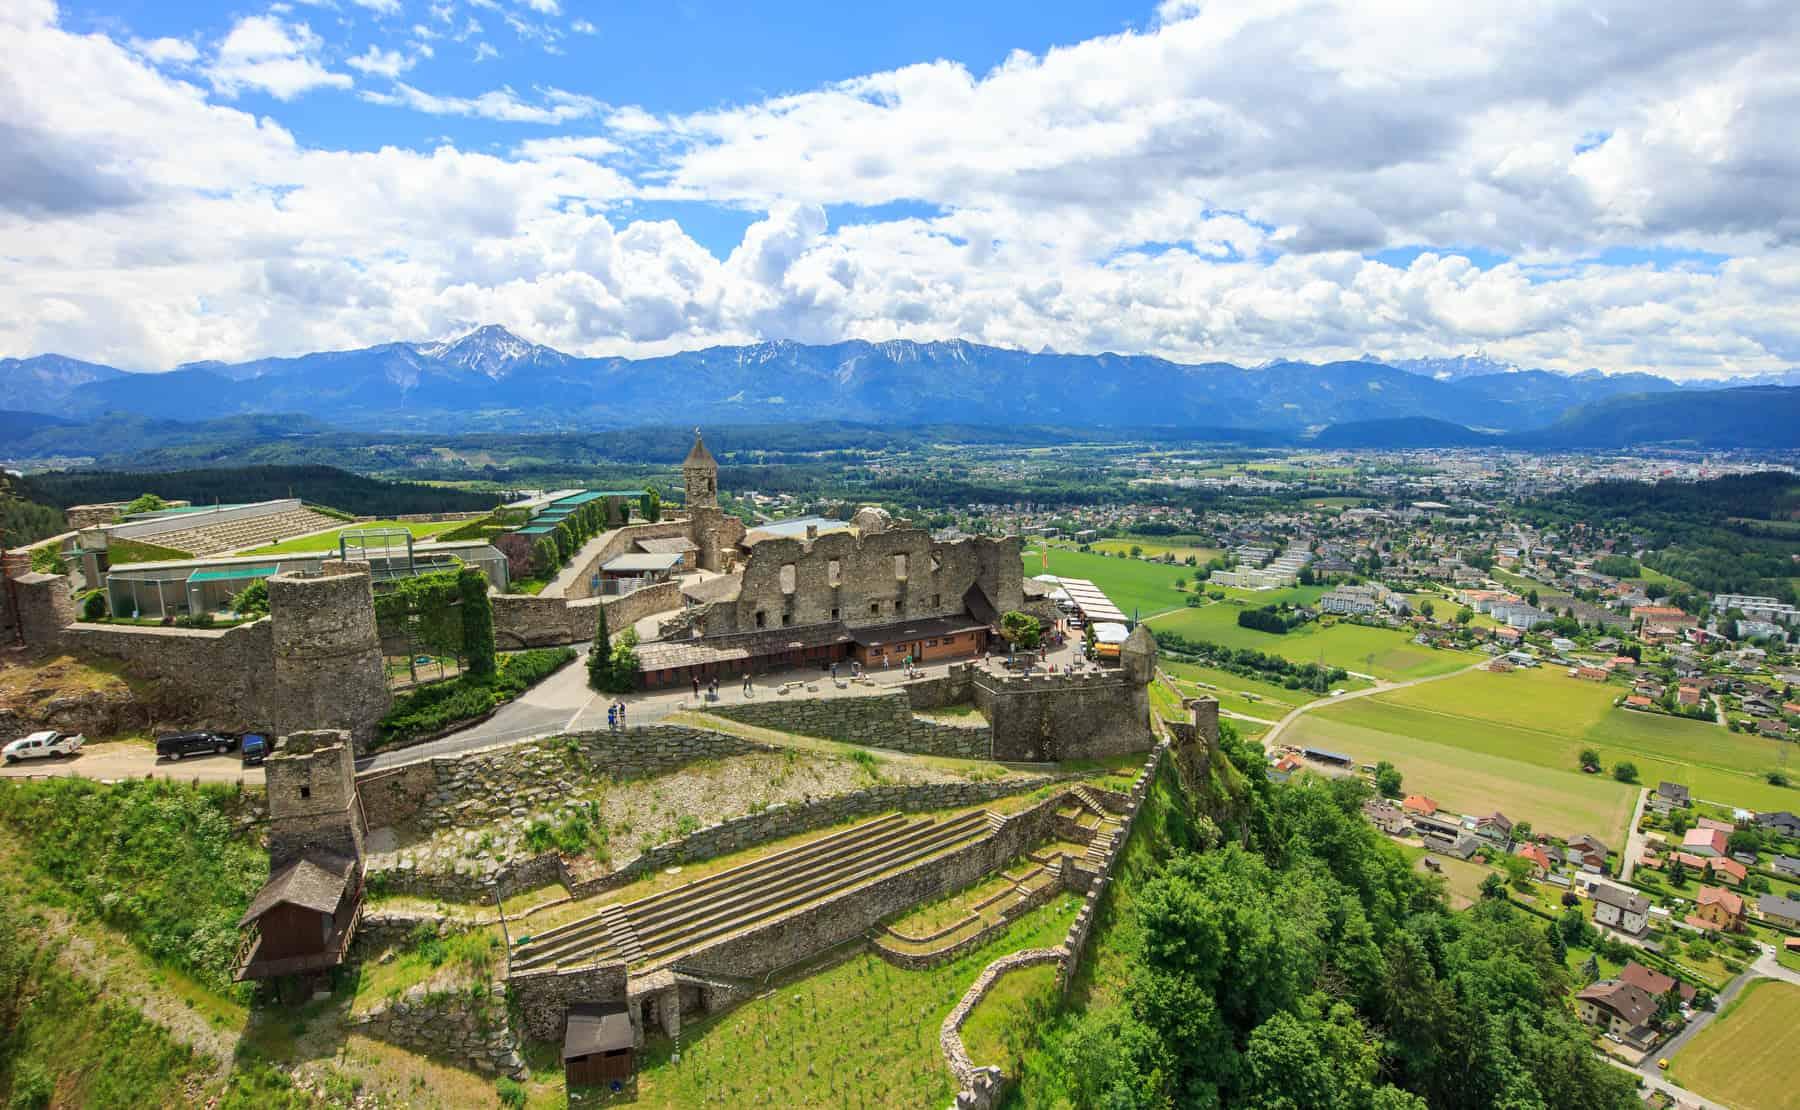 Die Burg Landskron mit Blick auf Villach, den Mittagskogel, Karawanken und Julische Alpen - Drohnenbild von Kärnten